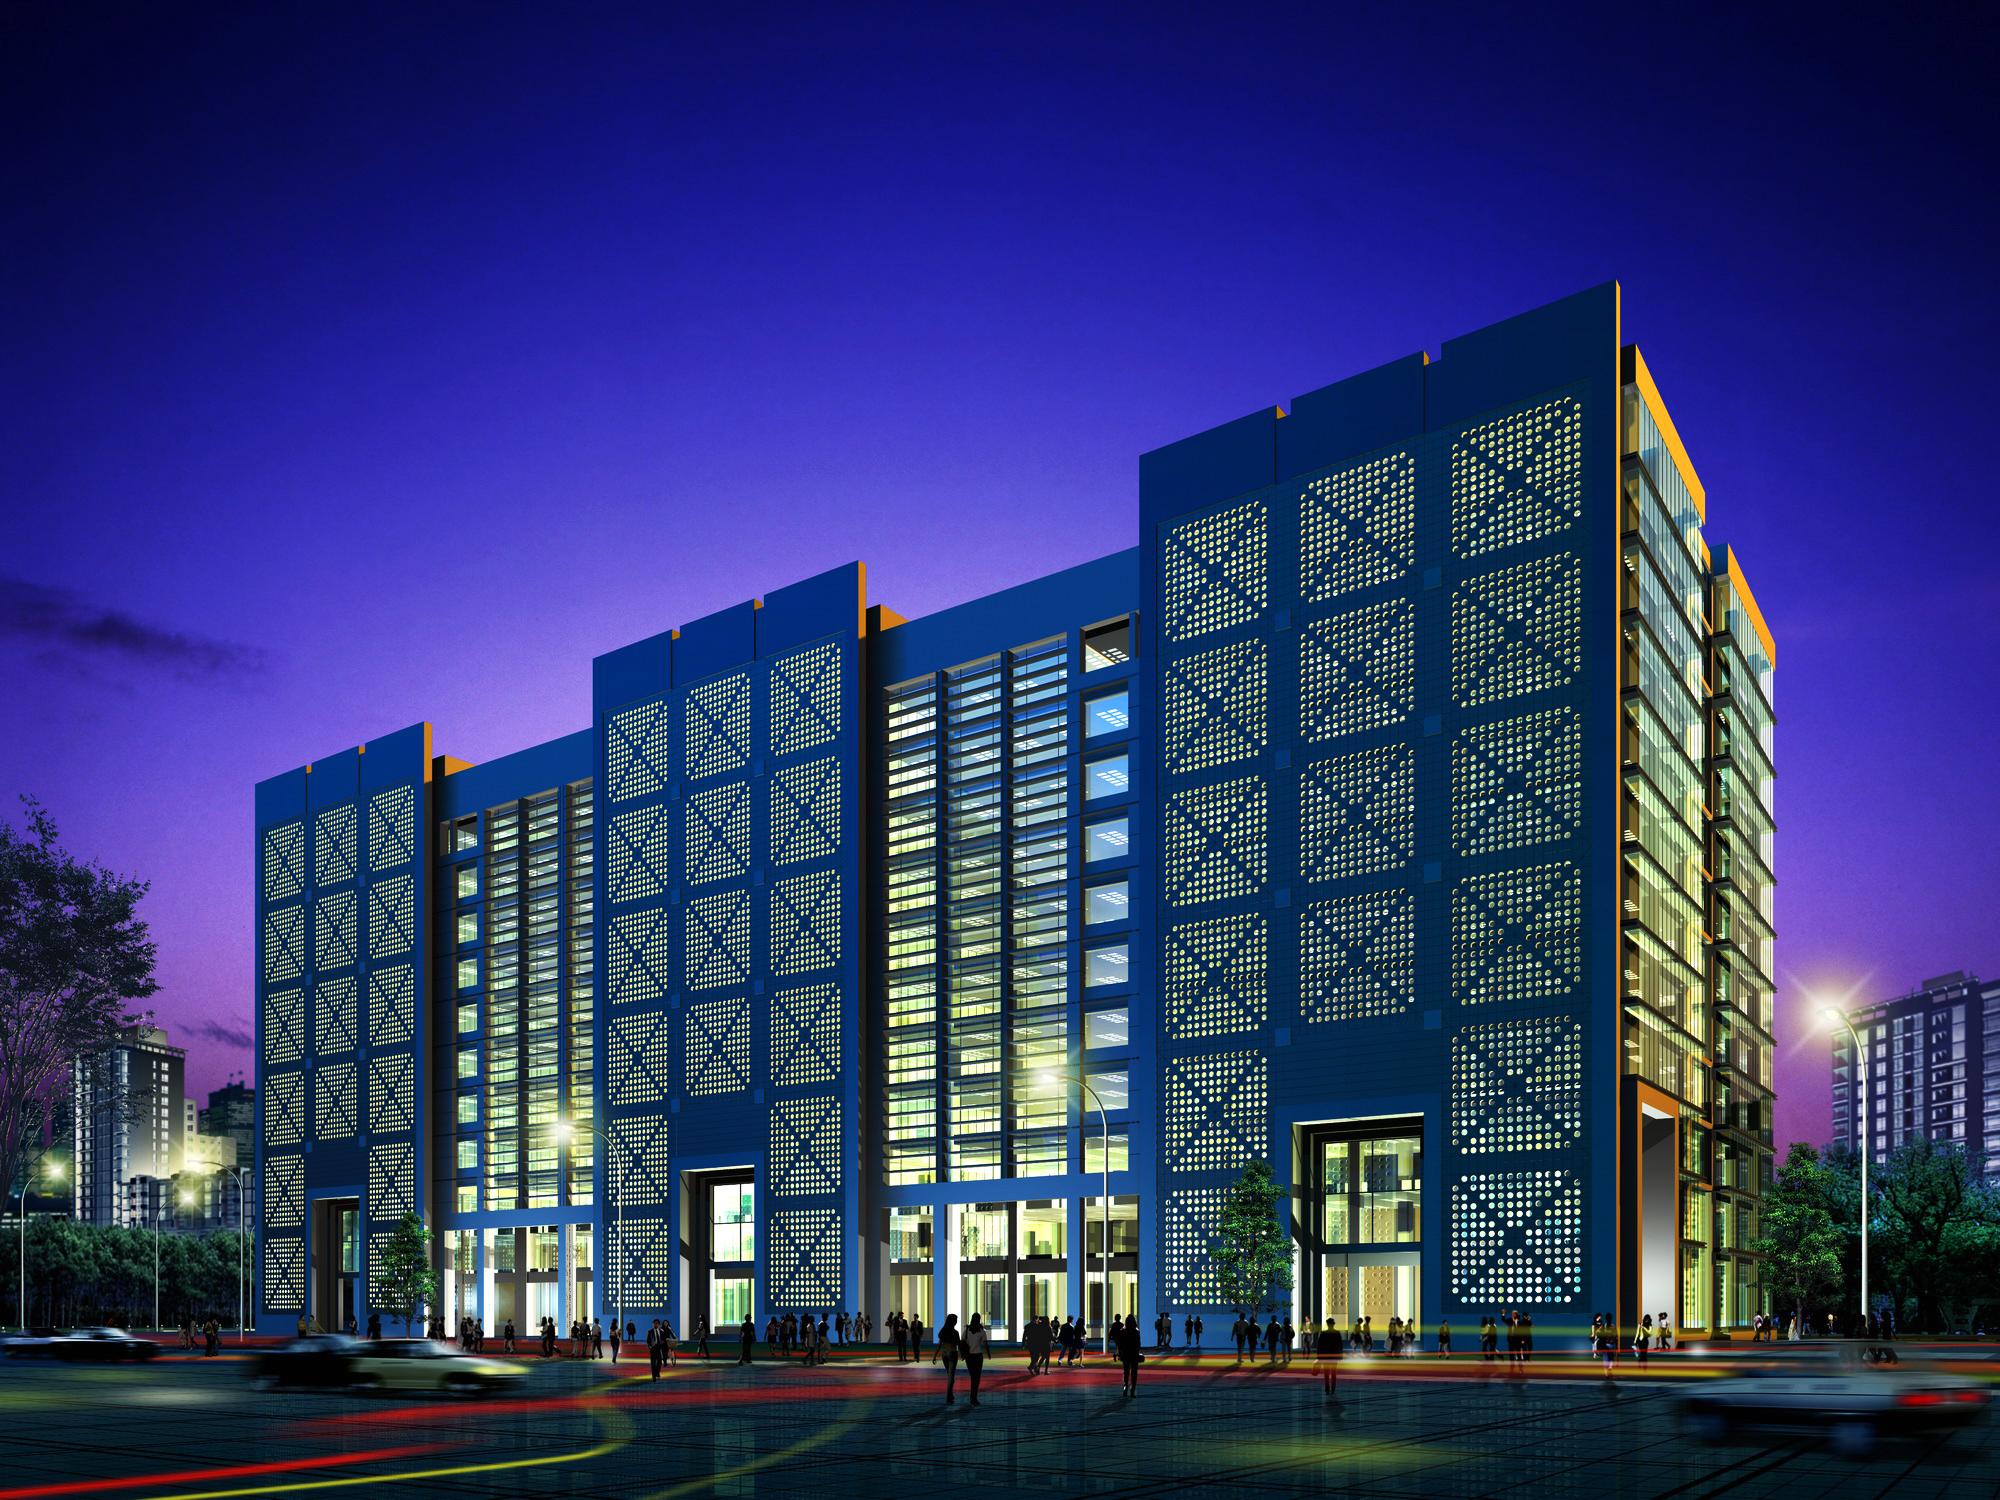 عمارت 056 3D ماڈل زیادہ سے زیادہ 133554